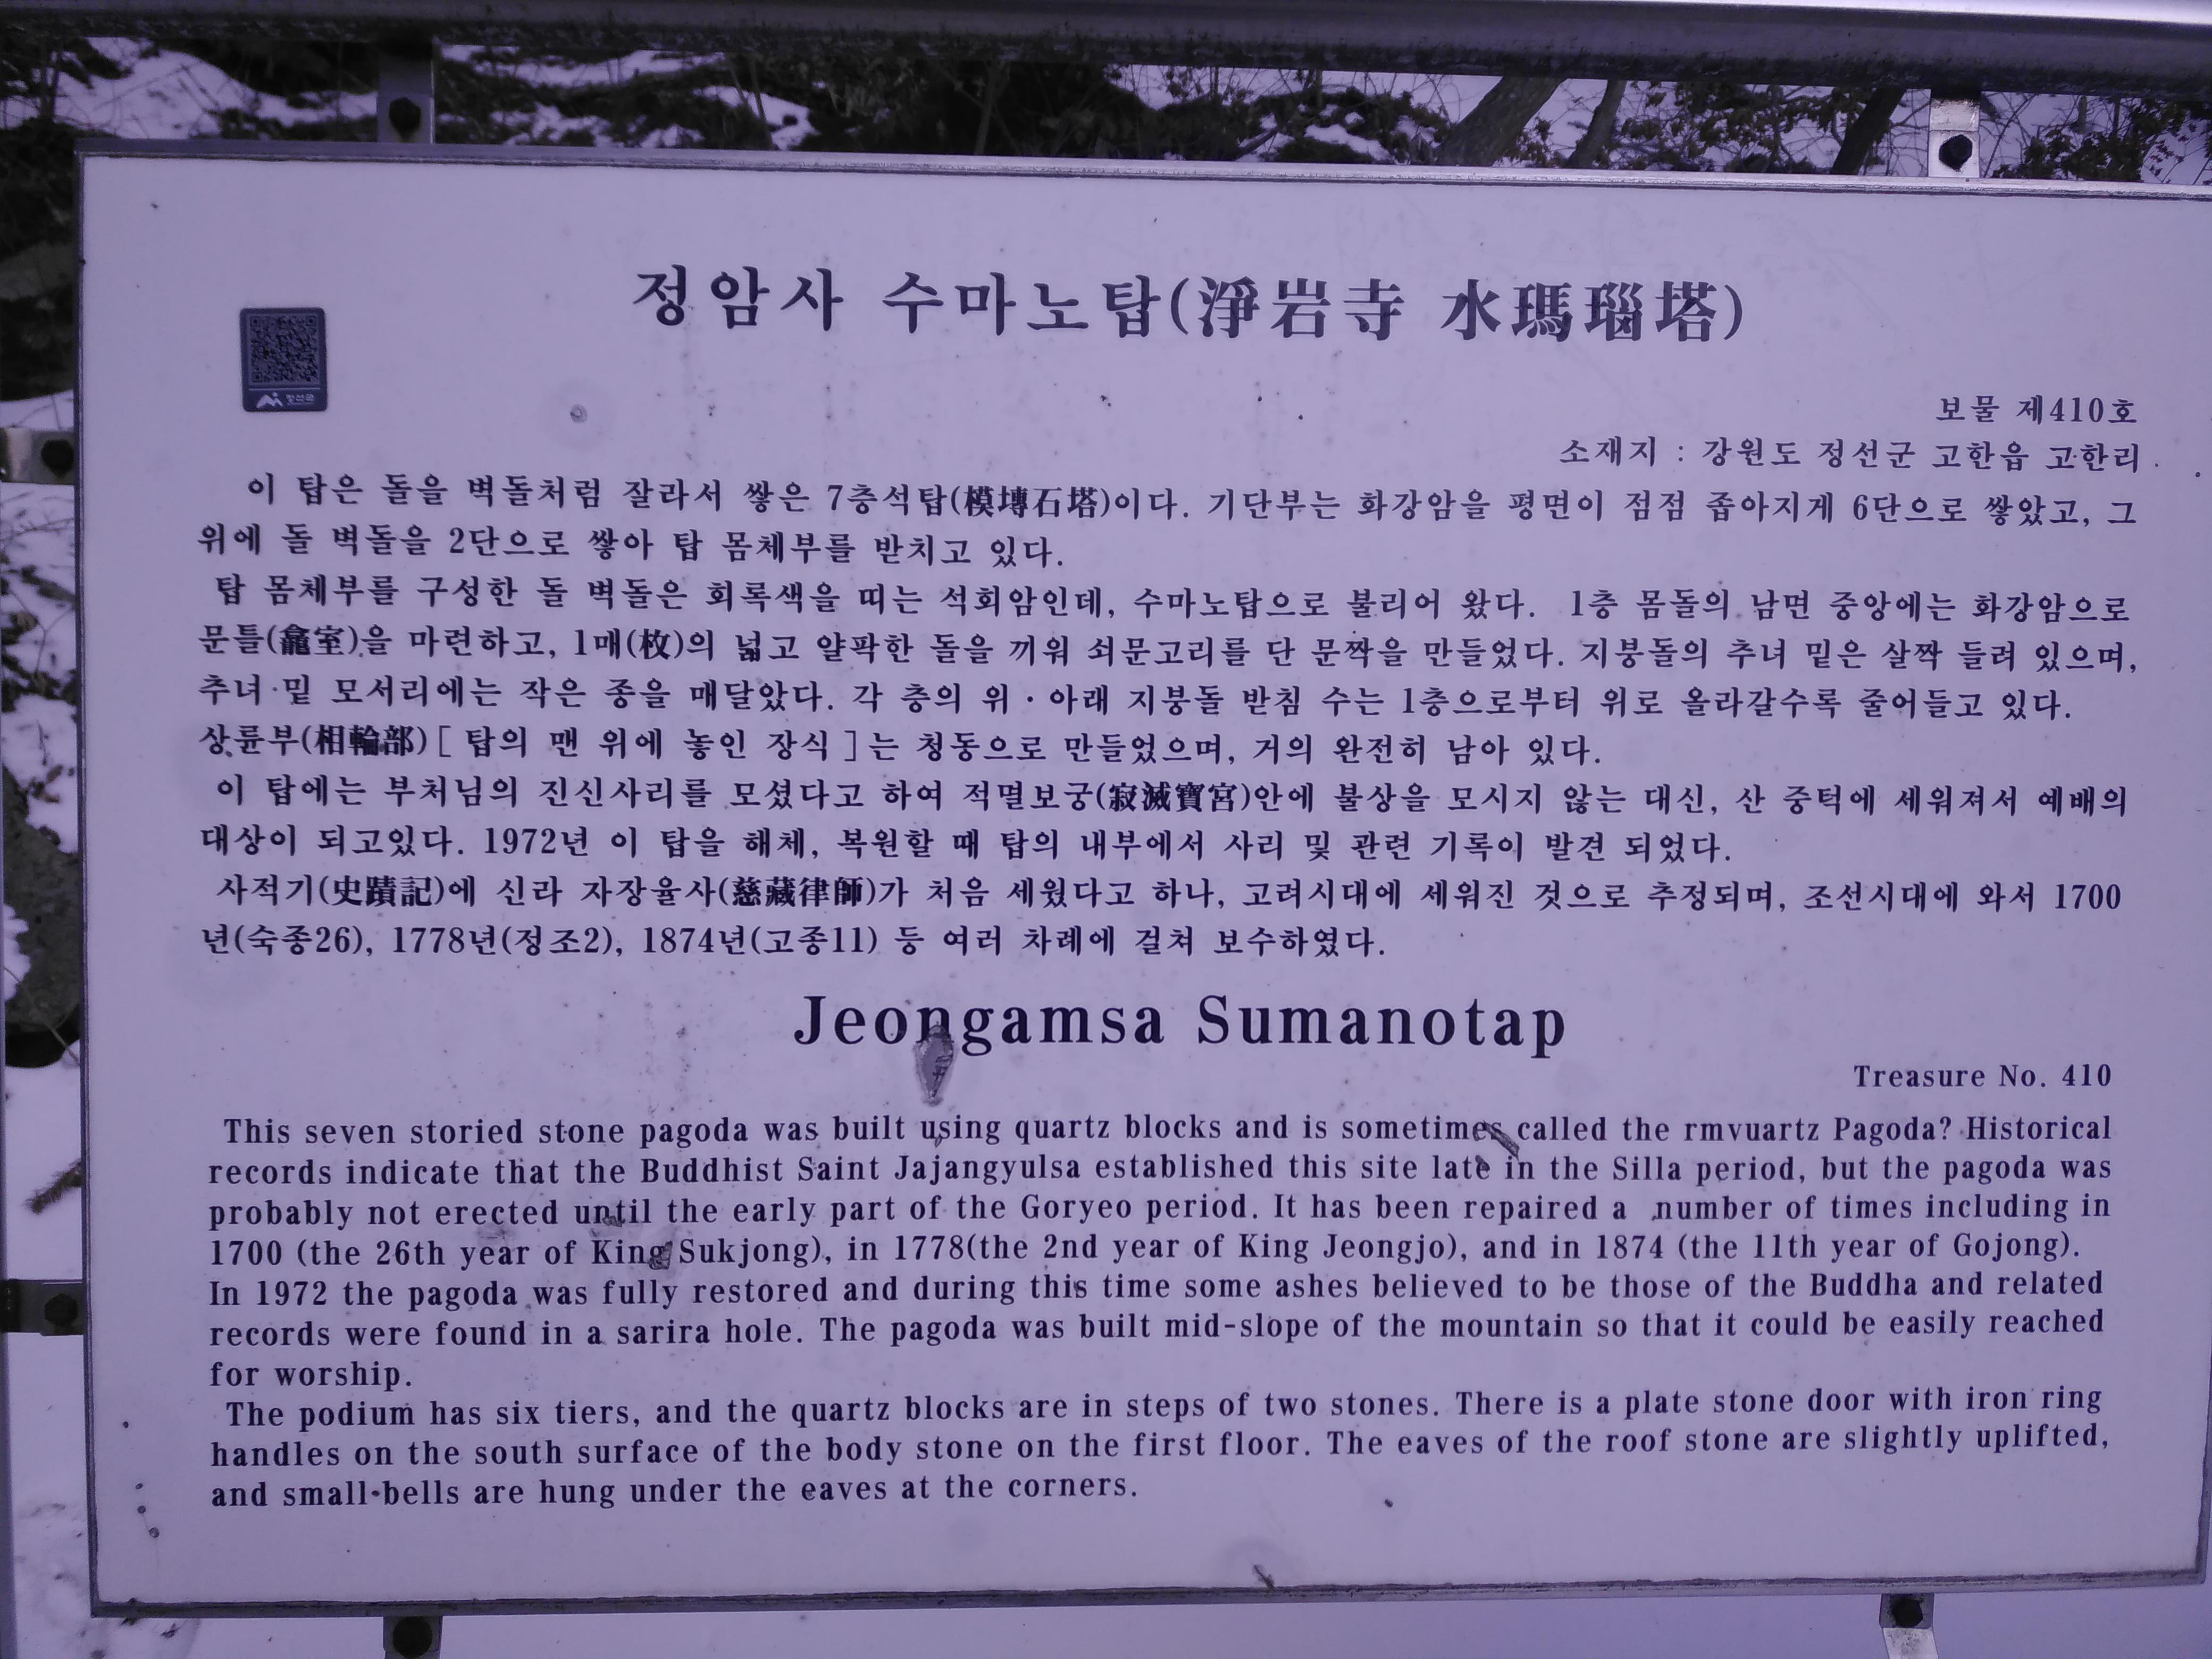 정암사 수마노탑에 대한 설명